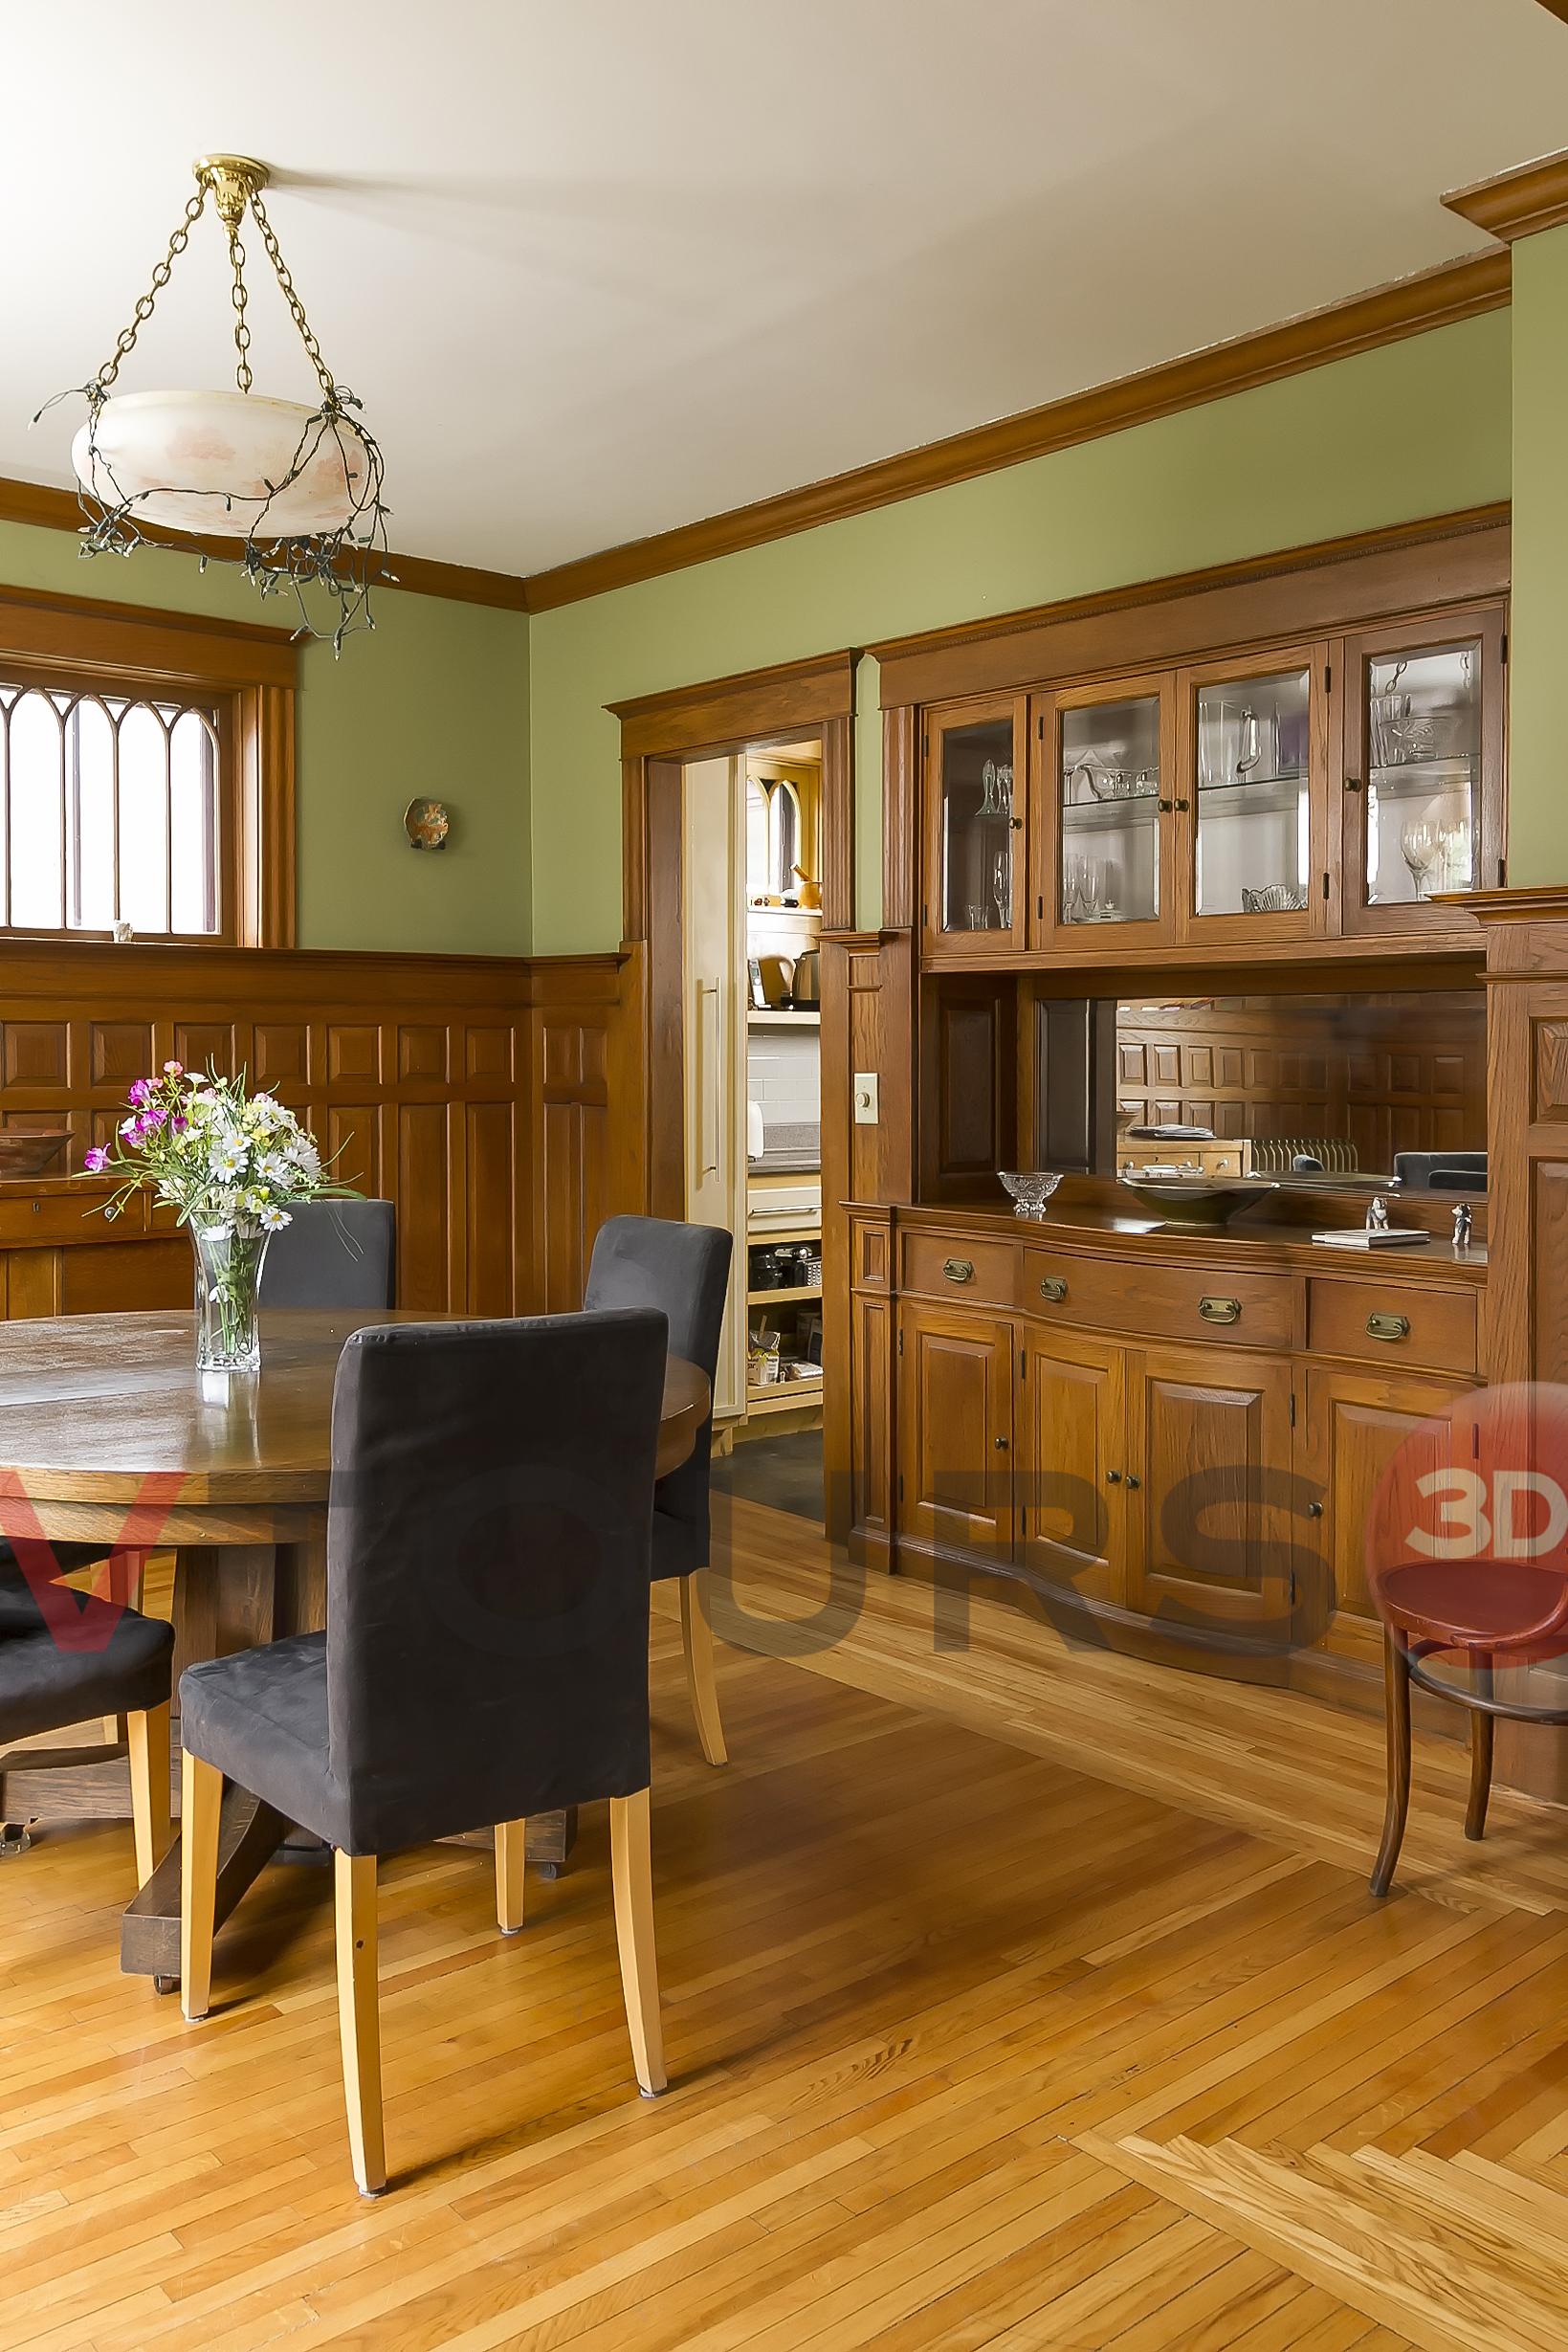 013_dining room 9 H20.jpg